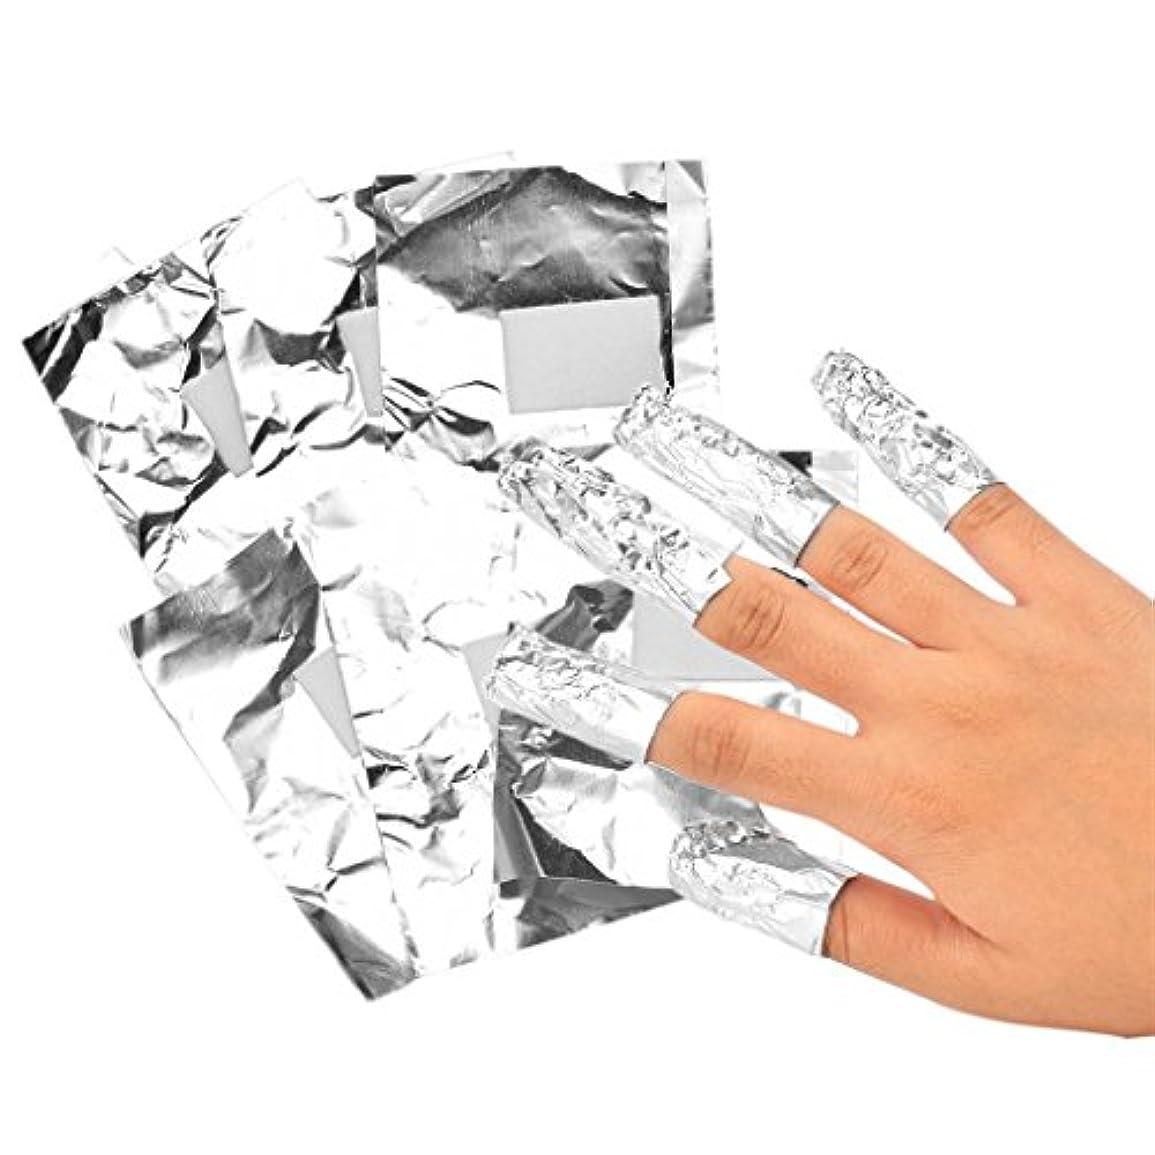 リテラシーこの限りなくネイルフォイル アルミ箔 ネイルアートジェル除去ツール プロ 爪装飾除き 包み紙 約100本入り